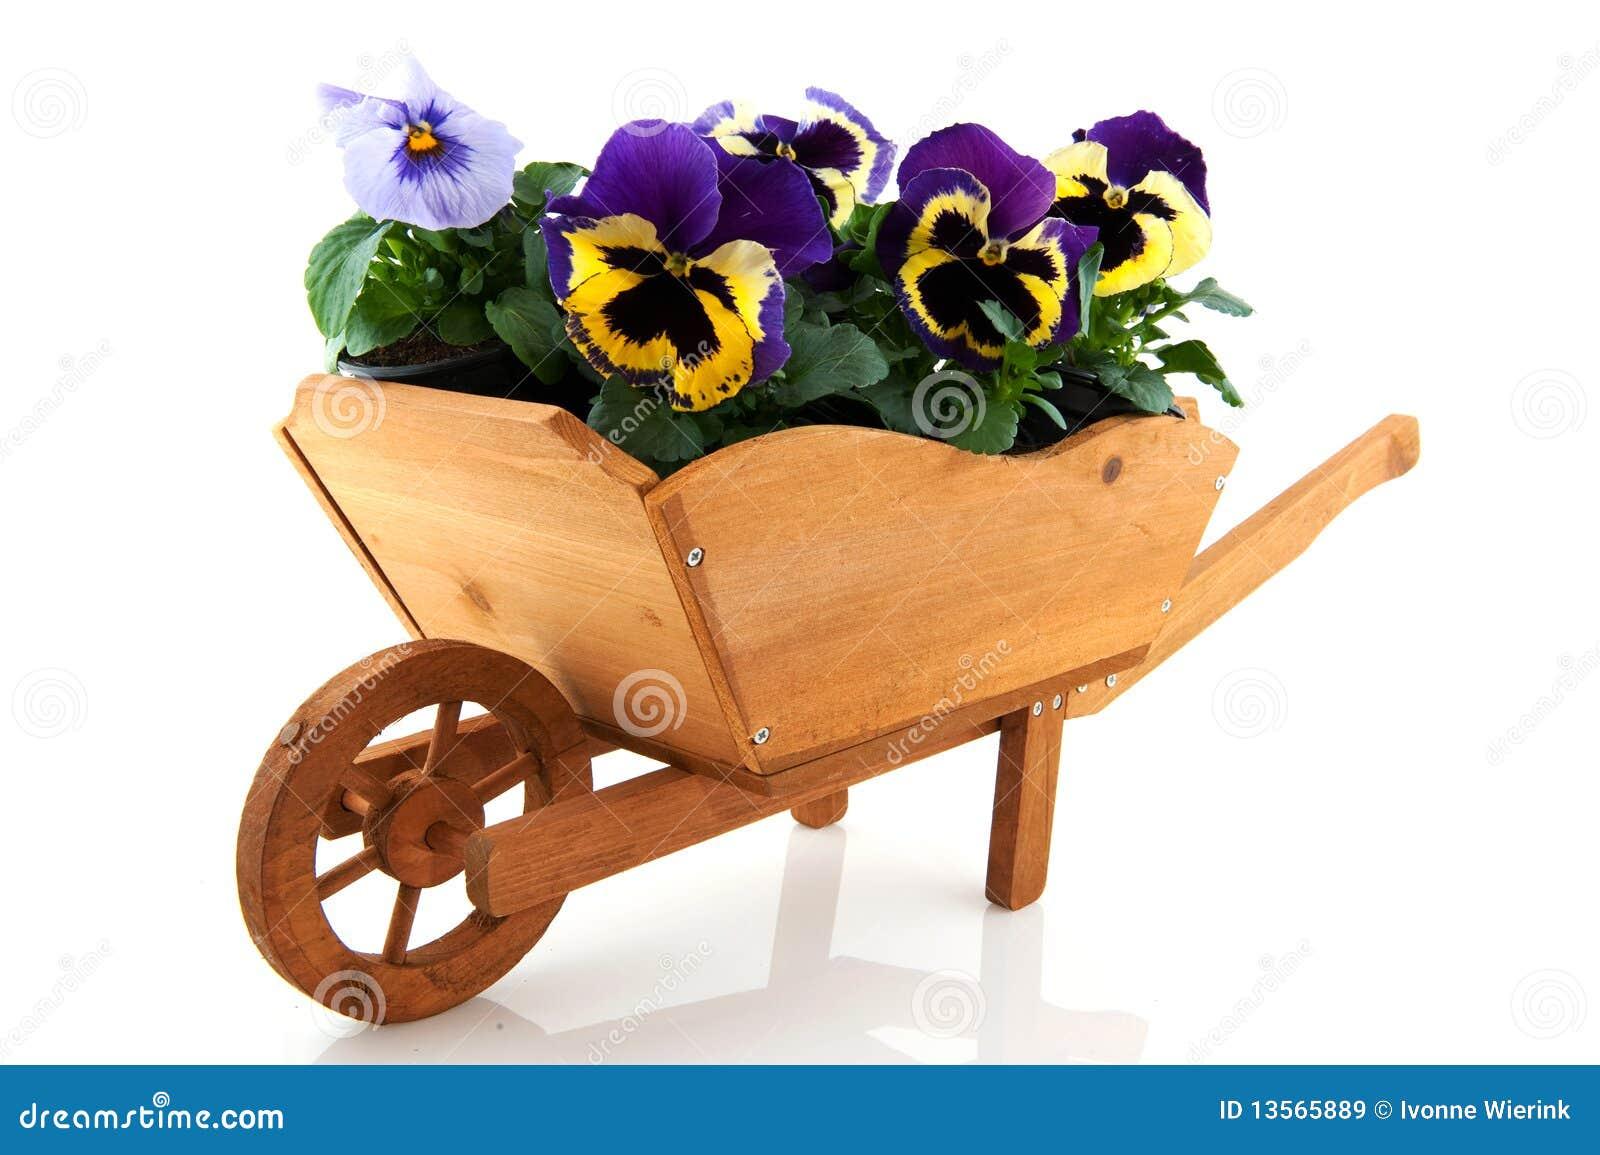 Houten kruiwagen met pansies stock afbeelding afbeelding for Balancines de madera para jardin